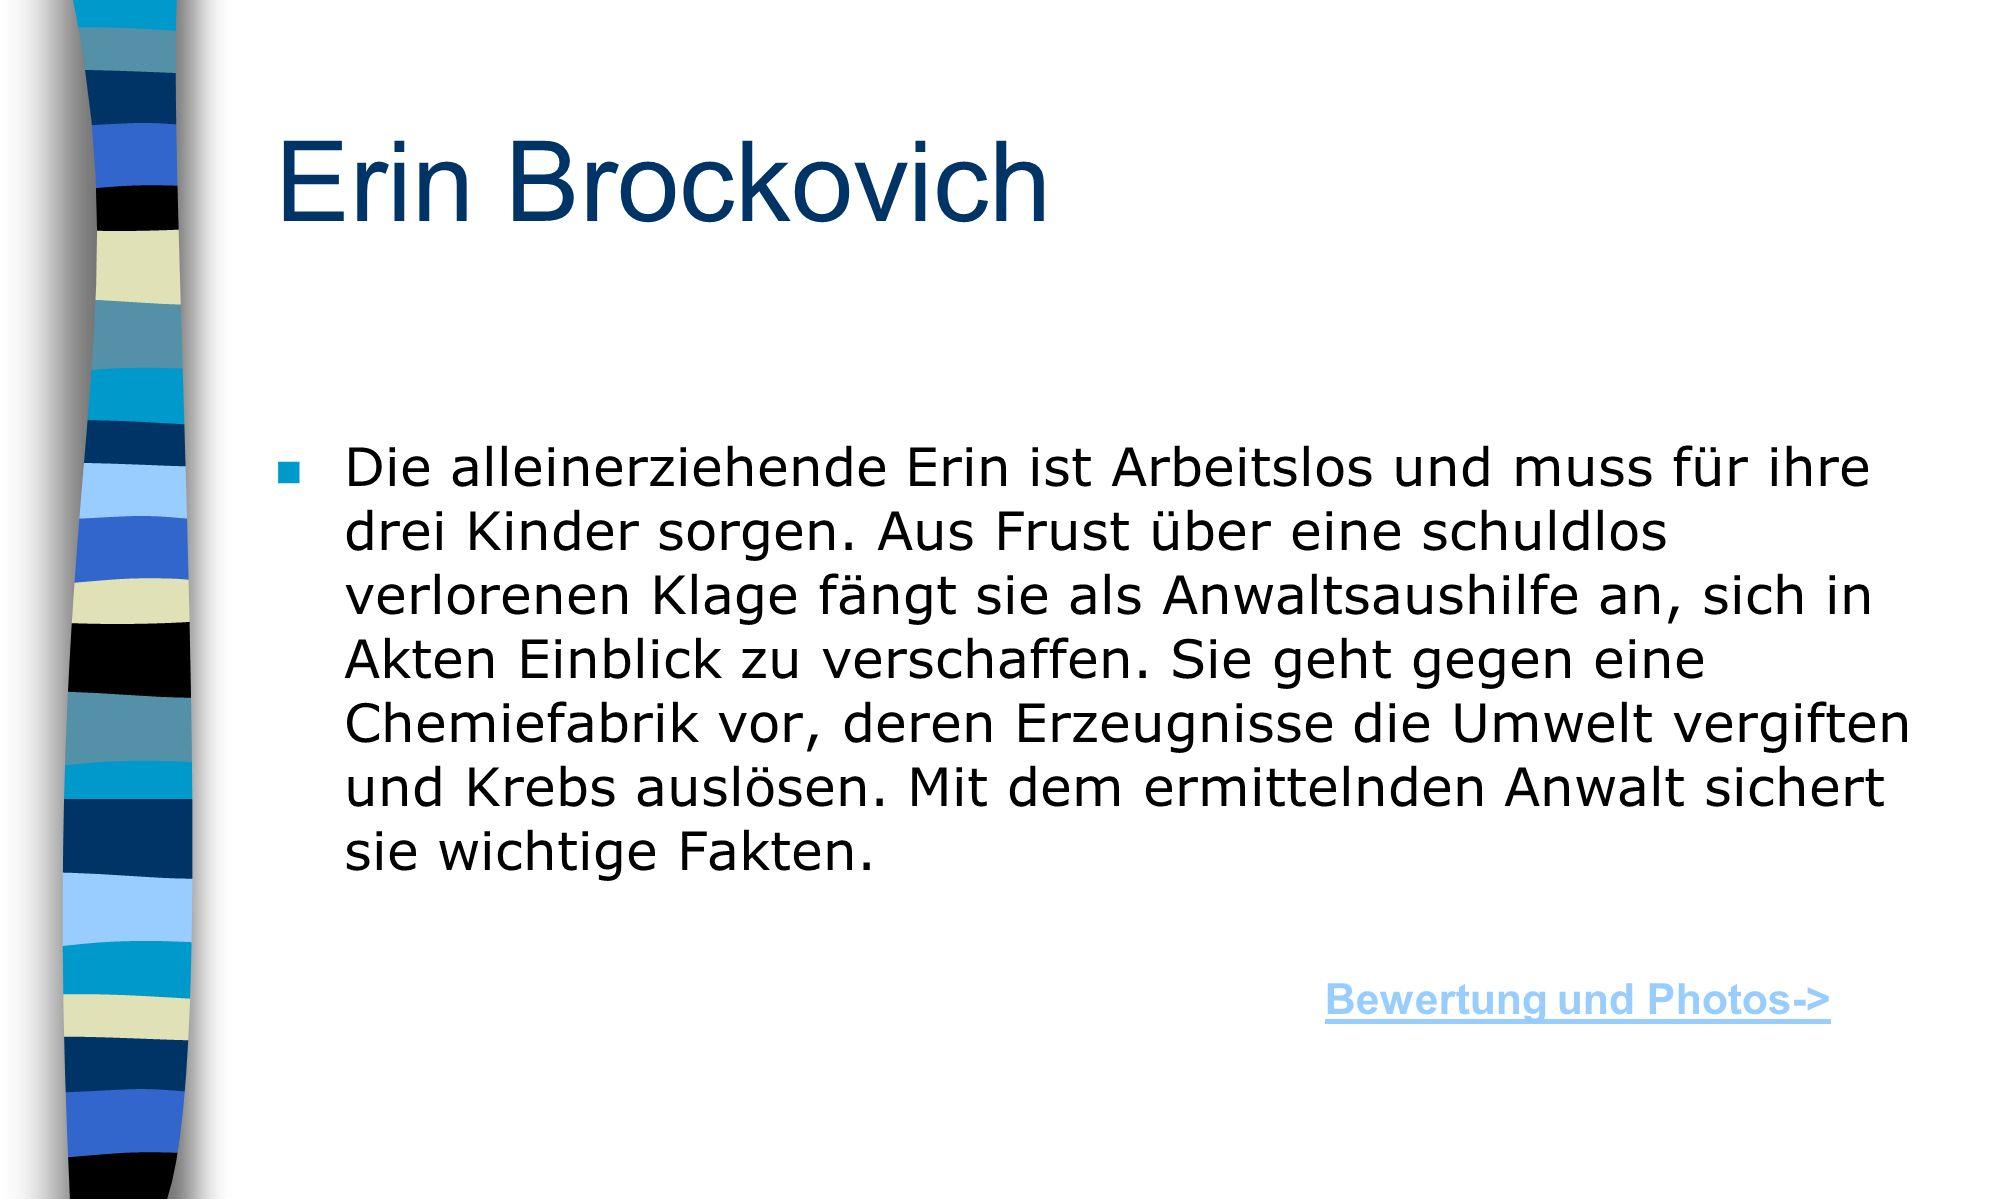 Erin Brockovich n Die alleinerziehende Erin ist Arbeitslos und muss für ihre drei Kinder sorgen.